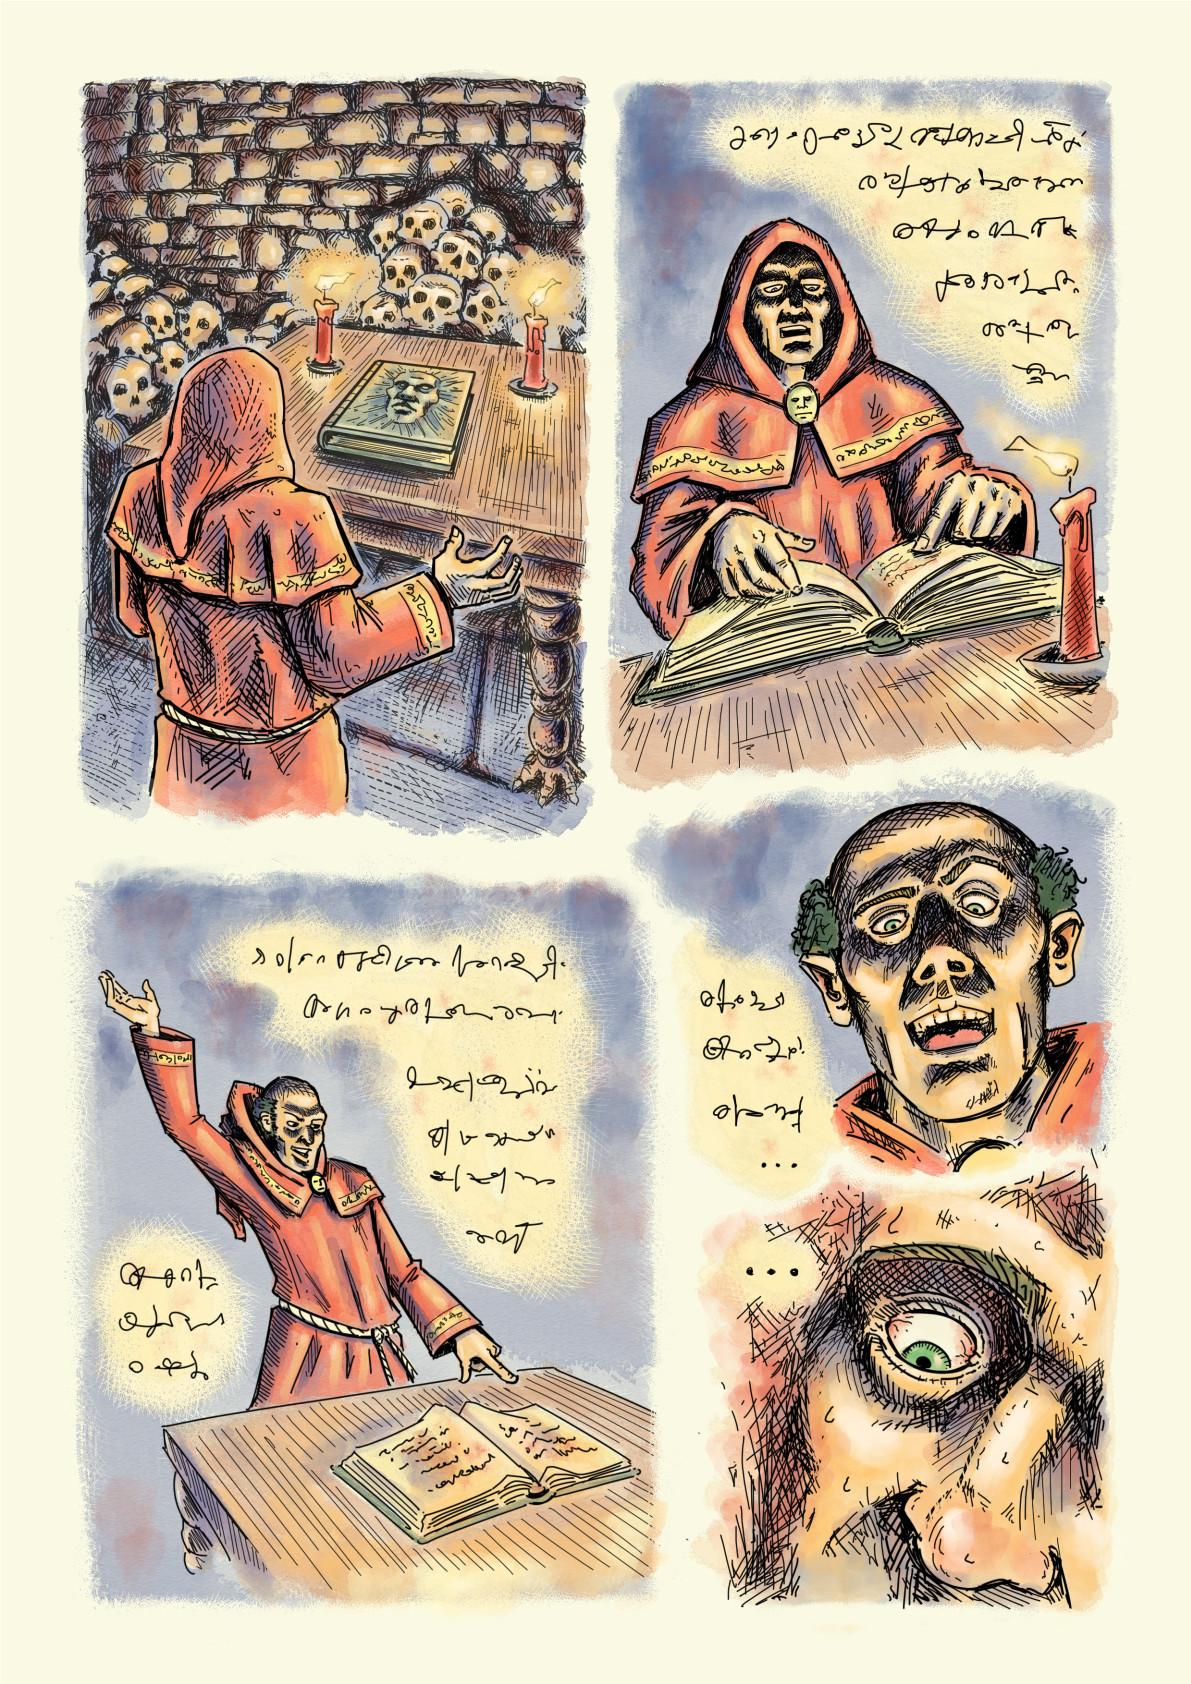 John ciarfuglia page 6 art